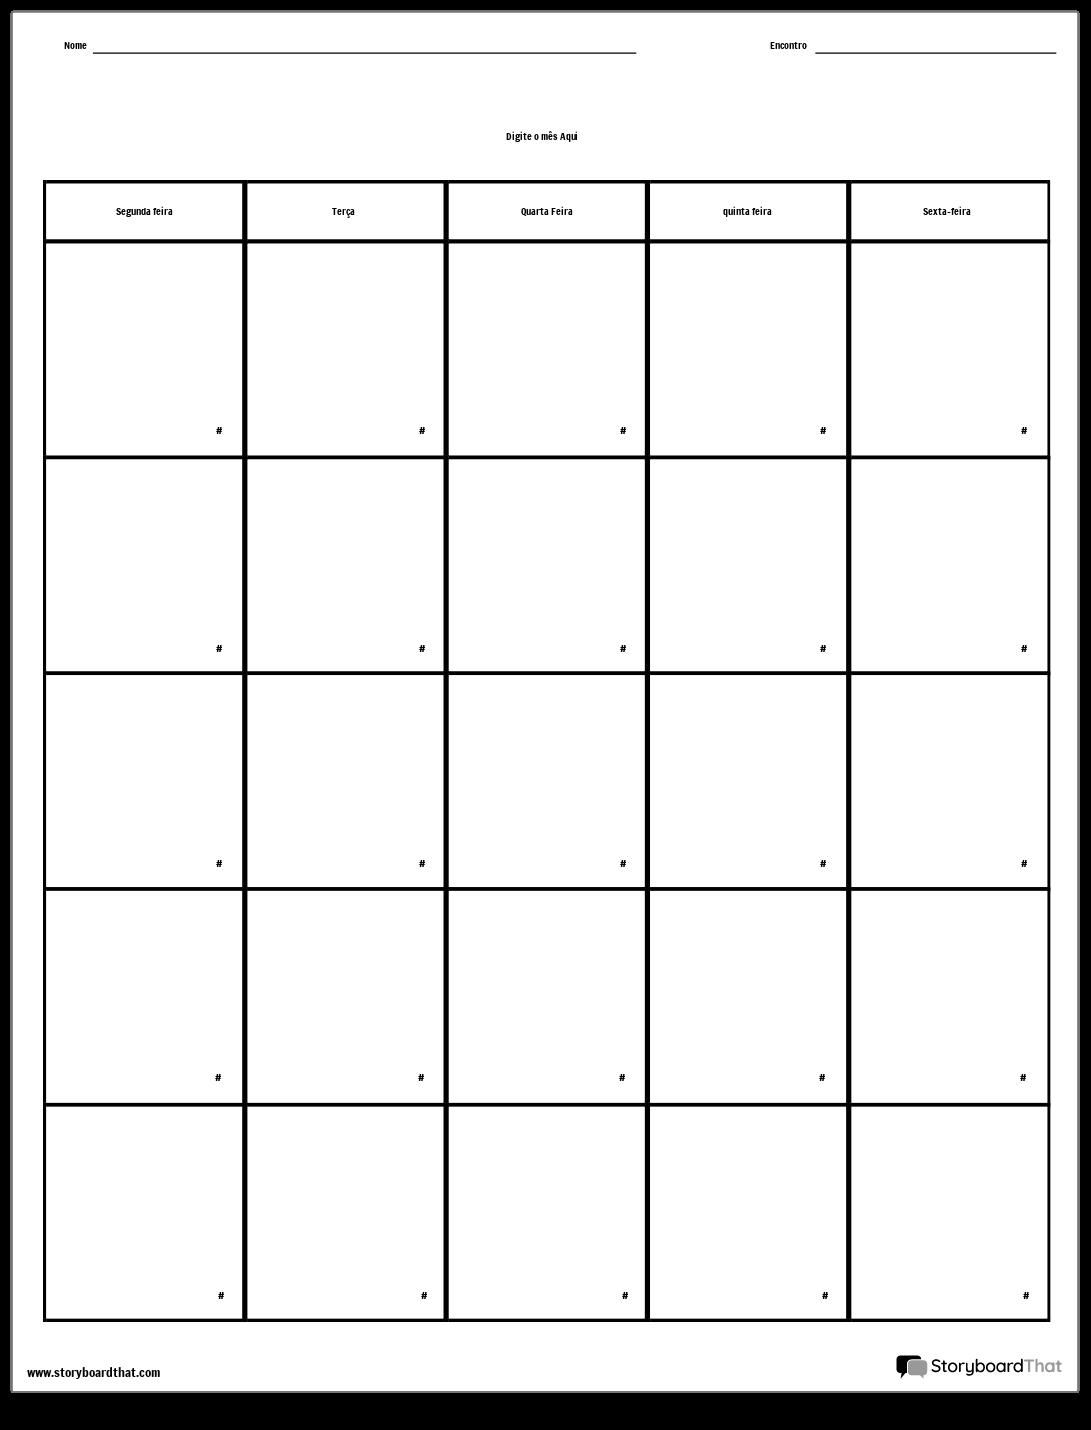 Semana Calendario.Calendario Dia Da Semana Storyboard Por Pt Examples